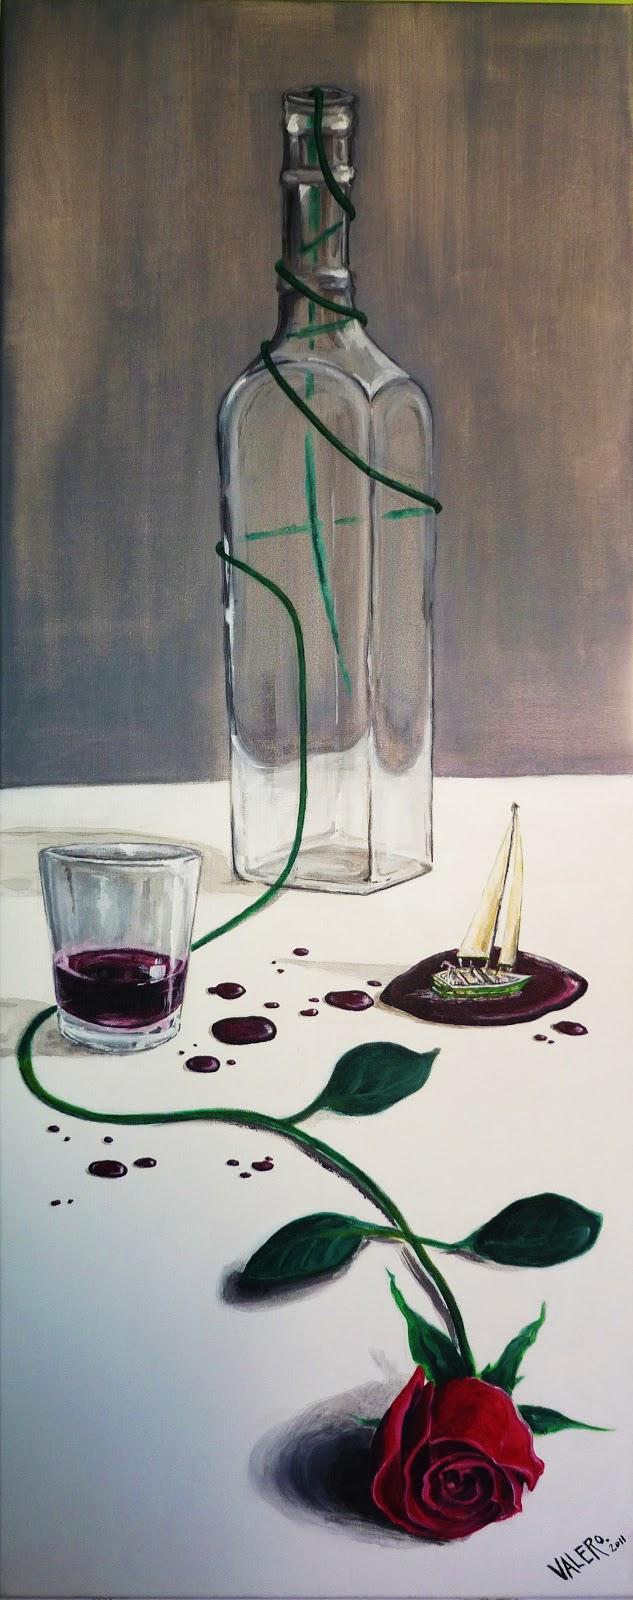 Jorge valero pintor ilustrador viento de vino y rosa - Acrilico sobre lienzo ...